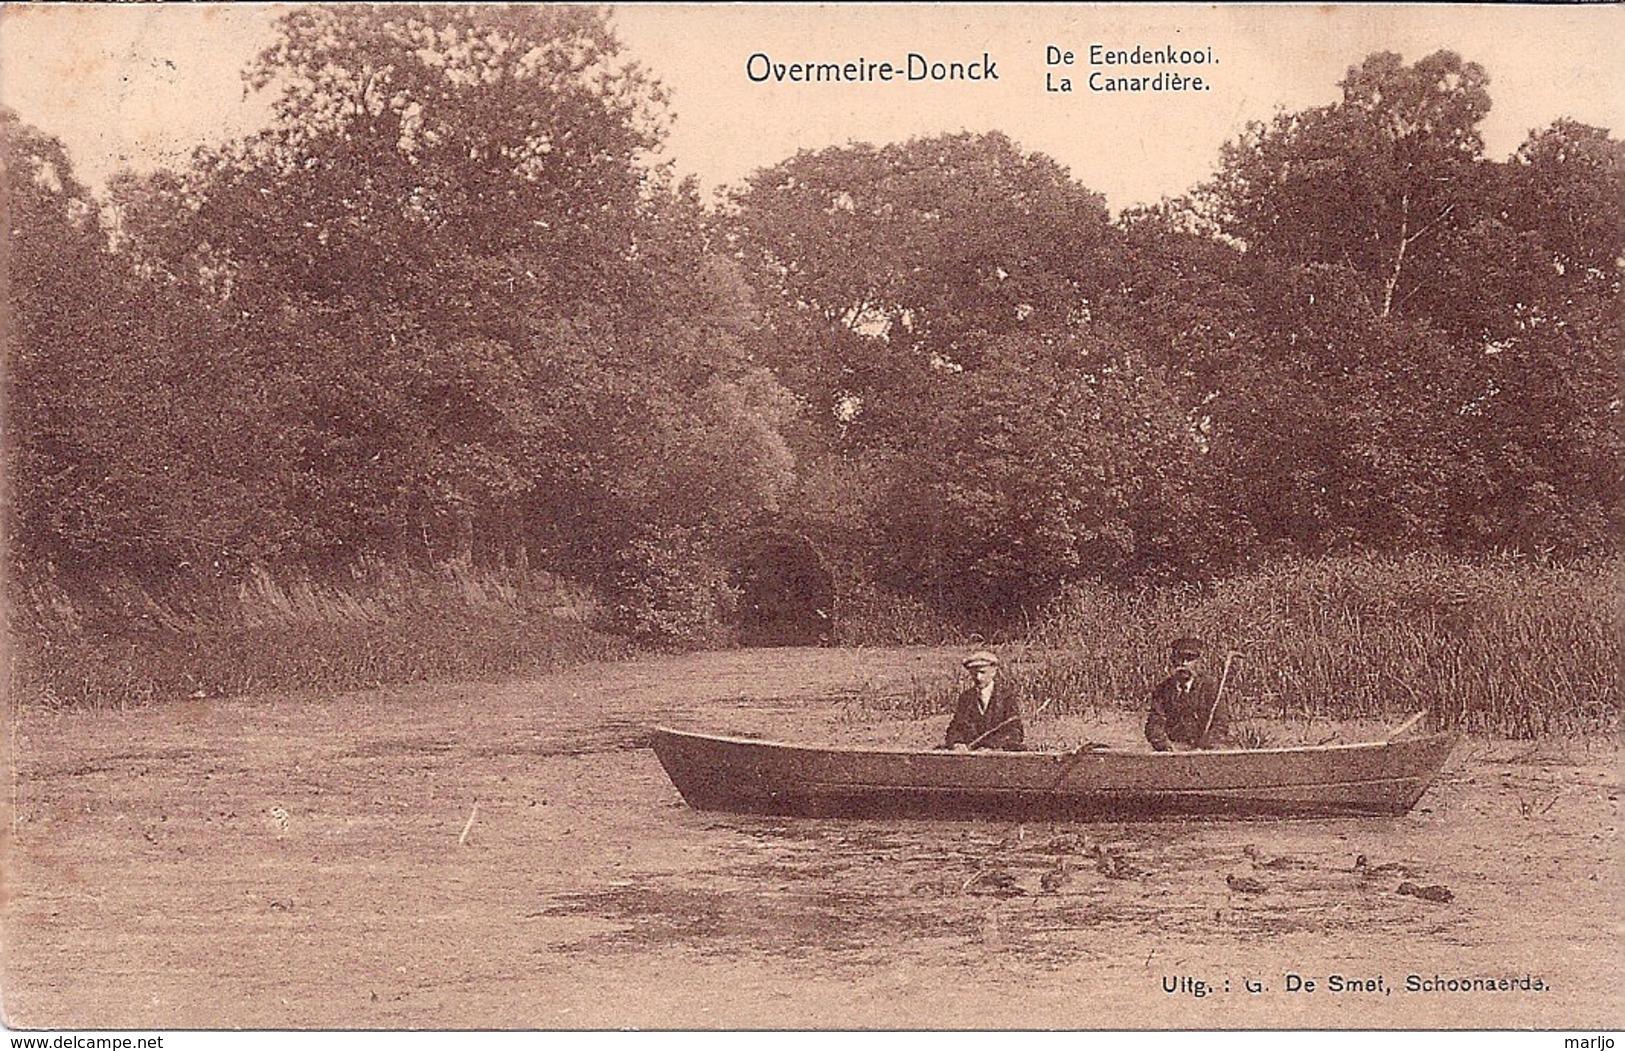 OVERMEIRE DONCK, DE EENDEKOOI, LA CANARDIERE - Berlare